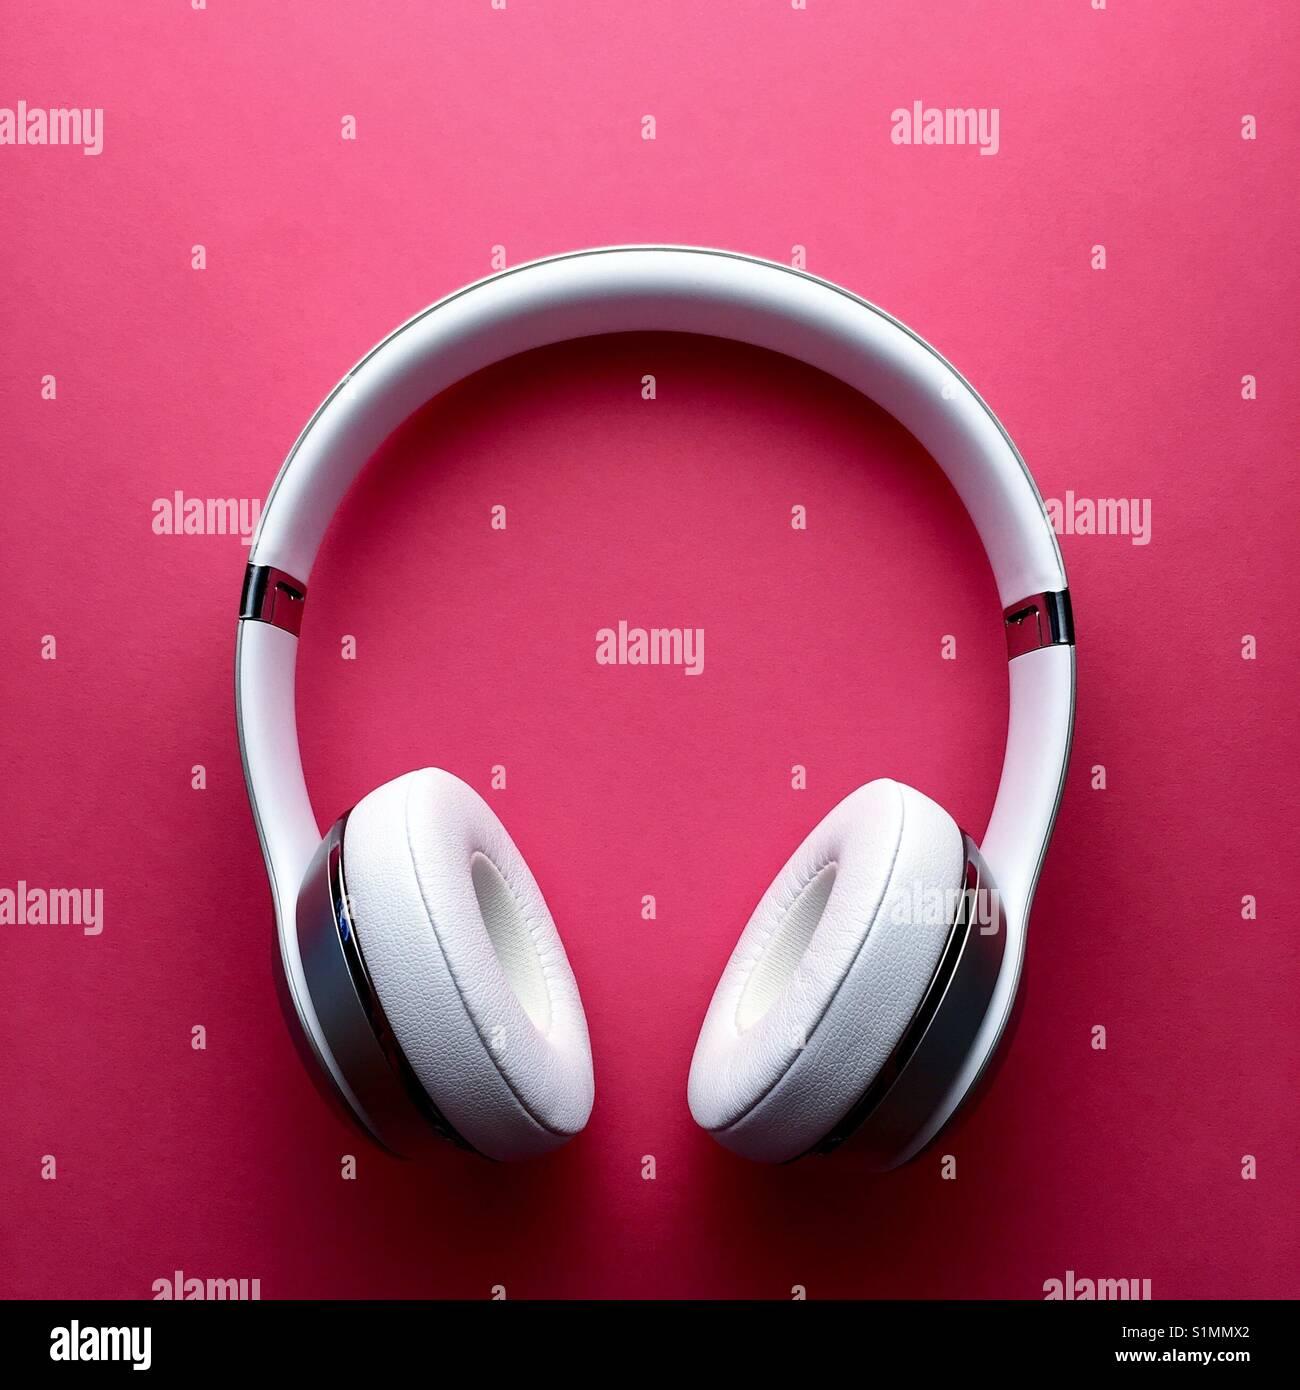 Un conjunto de auriculares inalámbricos blanco sobre un fondo de color rosa rico Imagen De Stock